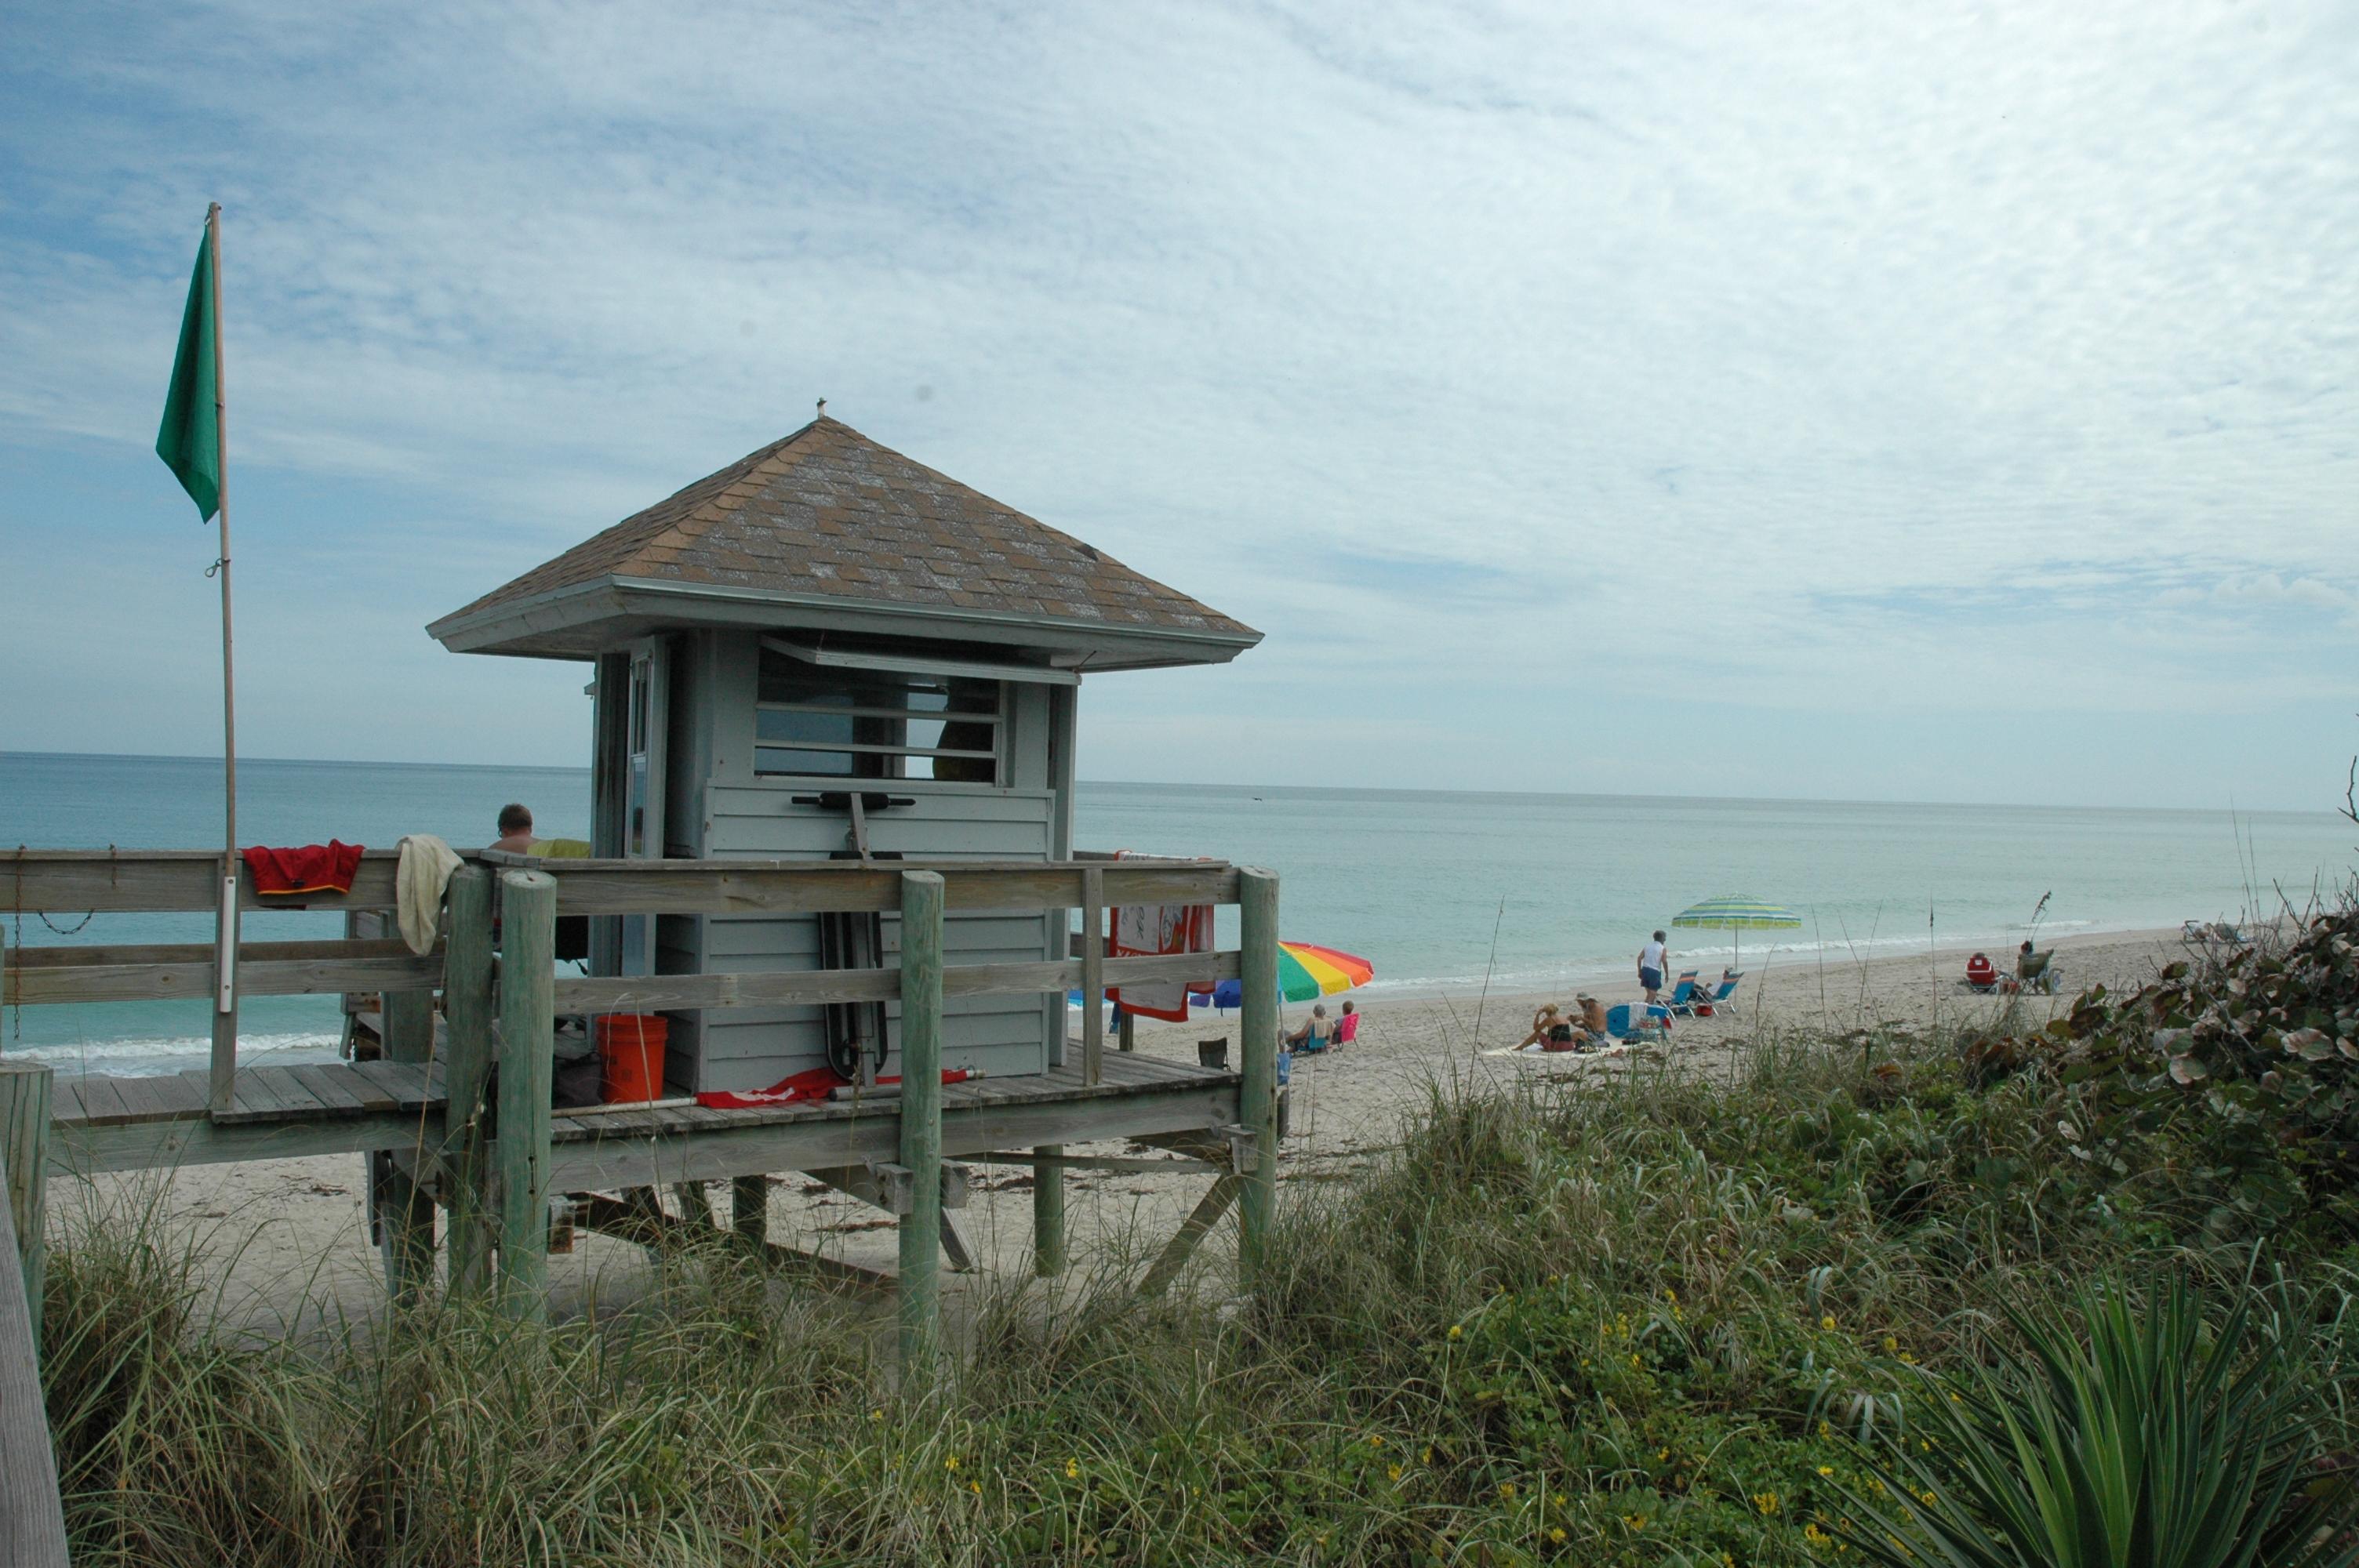 Waveland Beach Lifeguard Tower